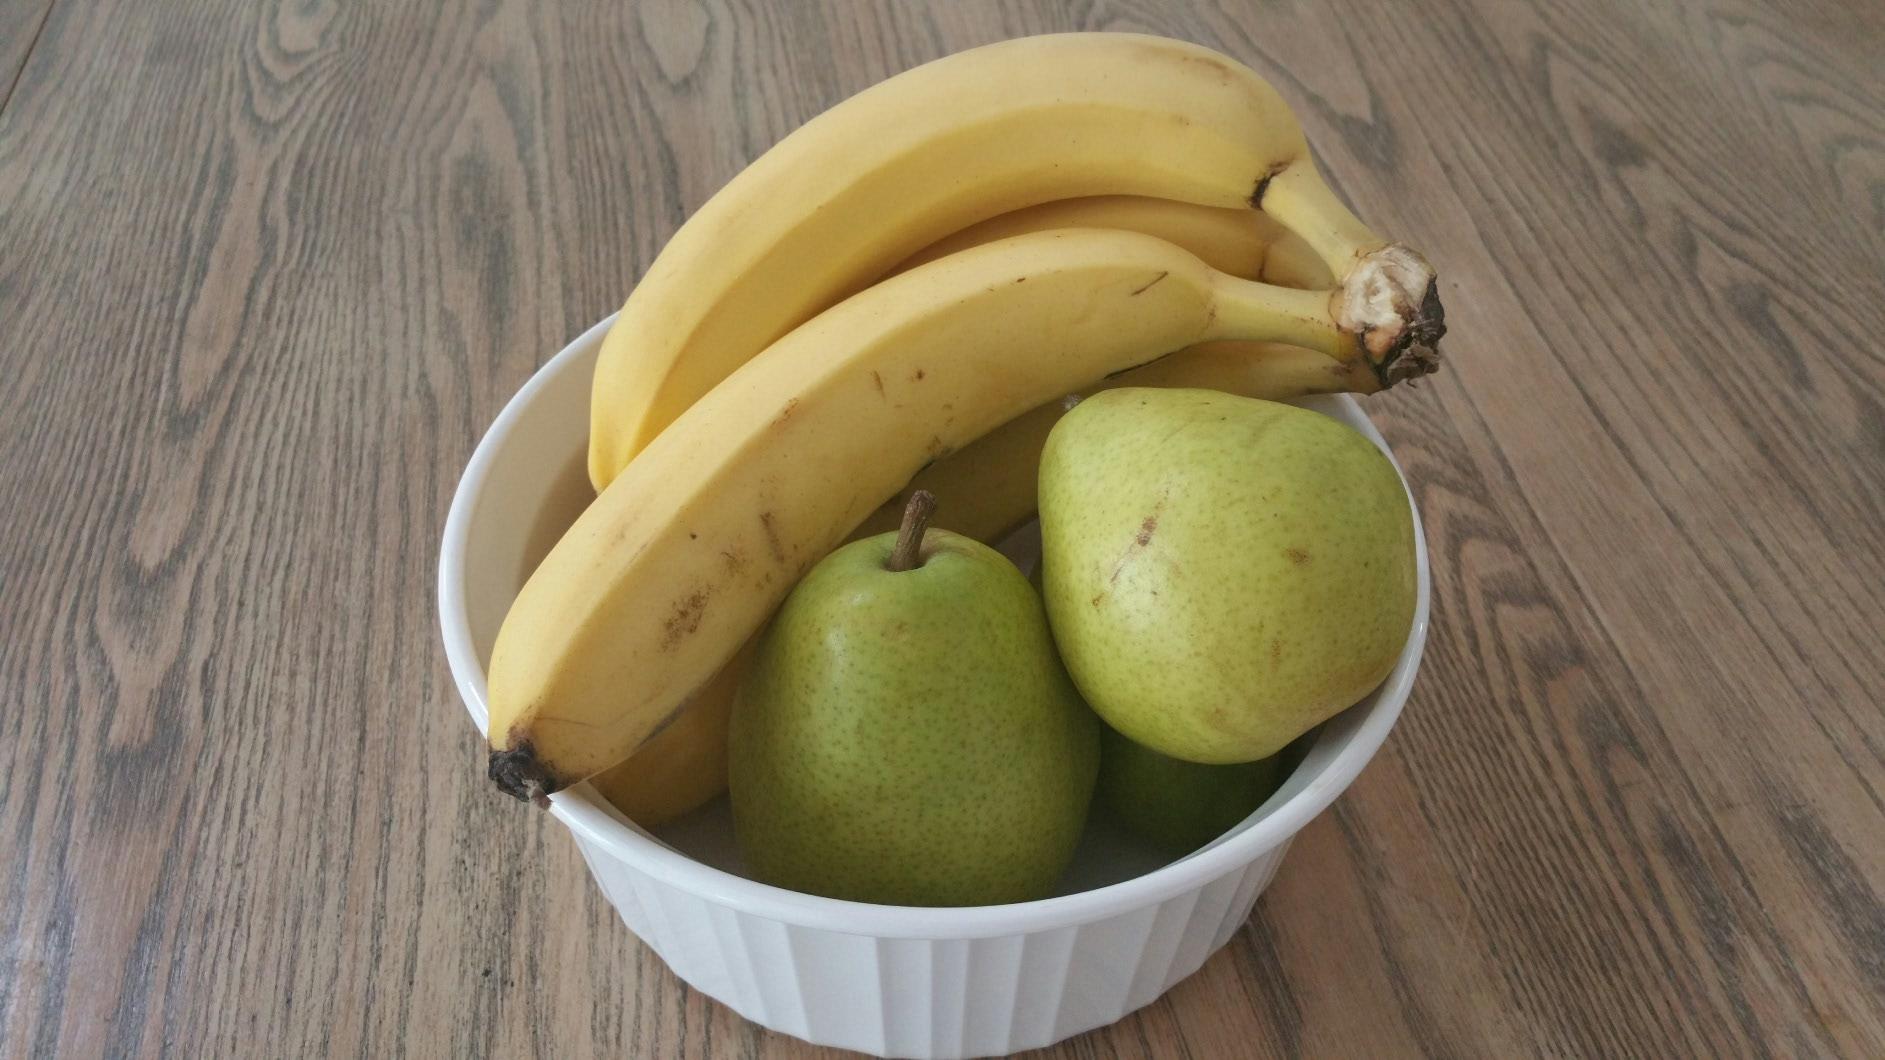 Ripen Fruit with Ethylene